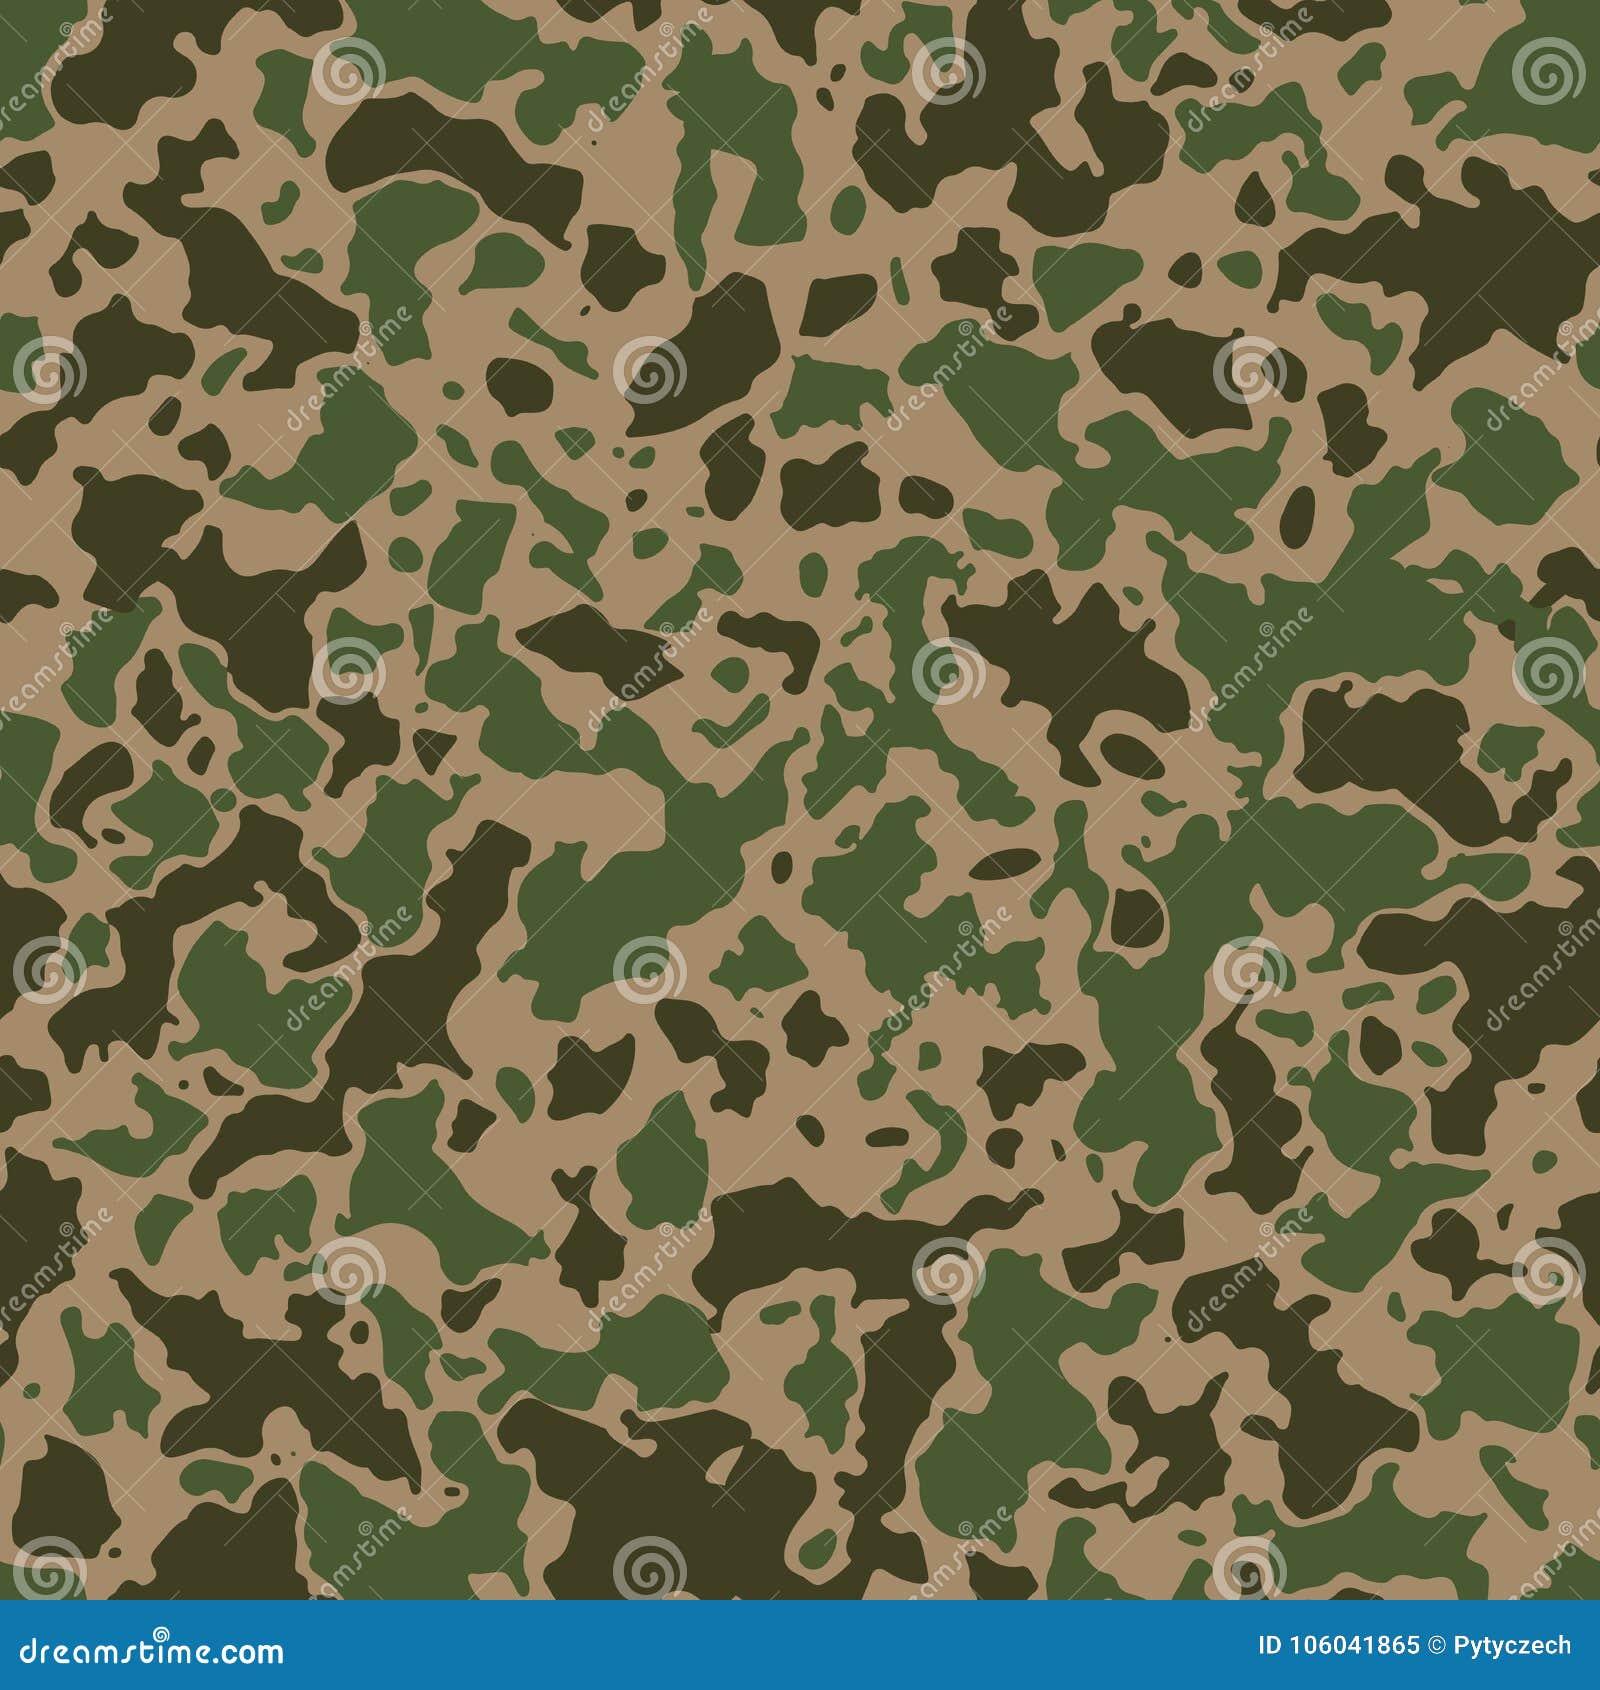 Army Camo Pattern Amazing Inspiration